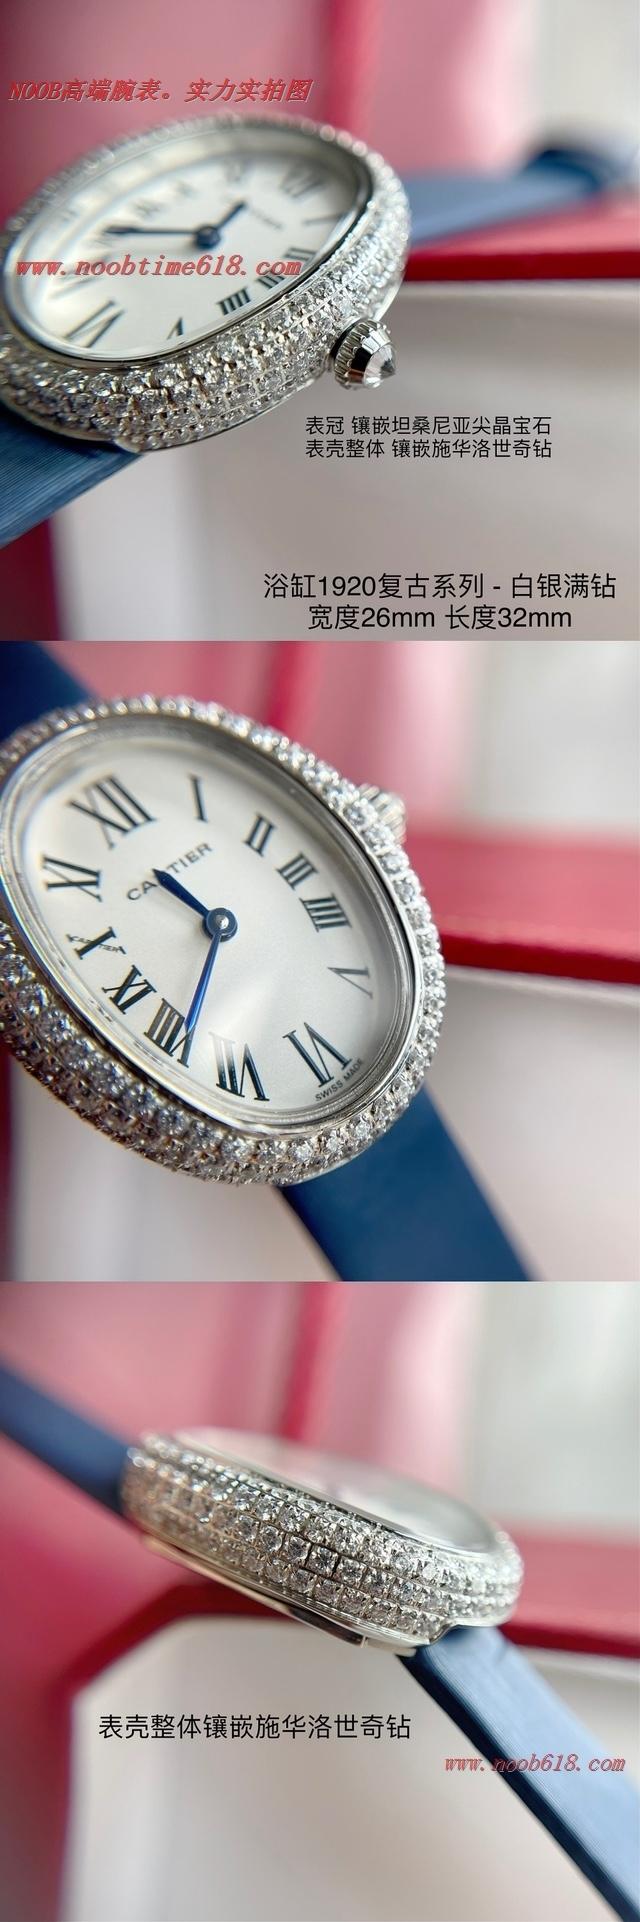 卡地亞Baignoire 1920#浴缸1920系列複刻手錶